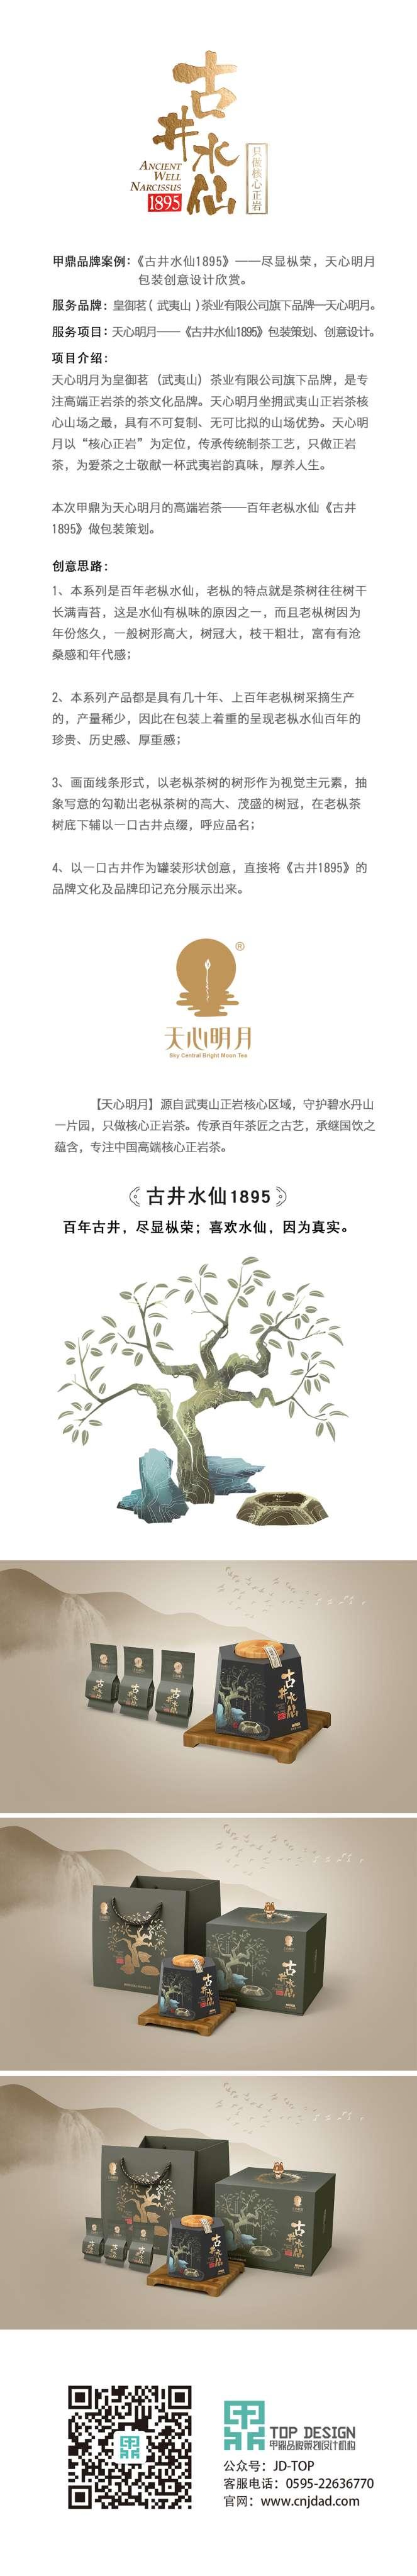 天心明月古井水仙1985--包聯網.jpg